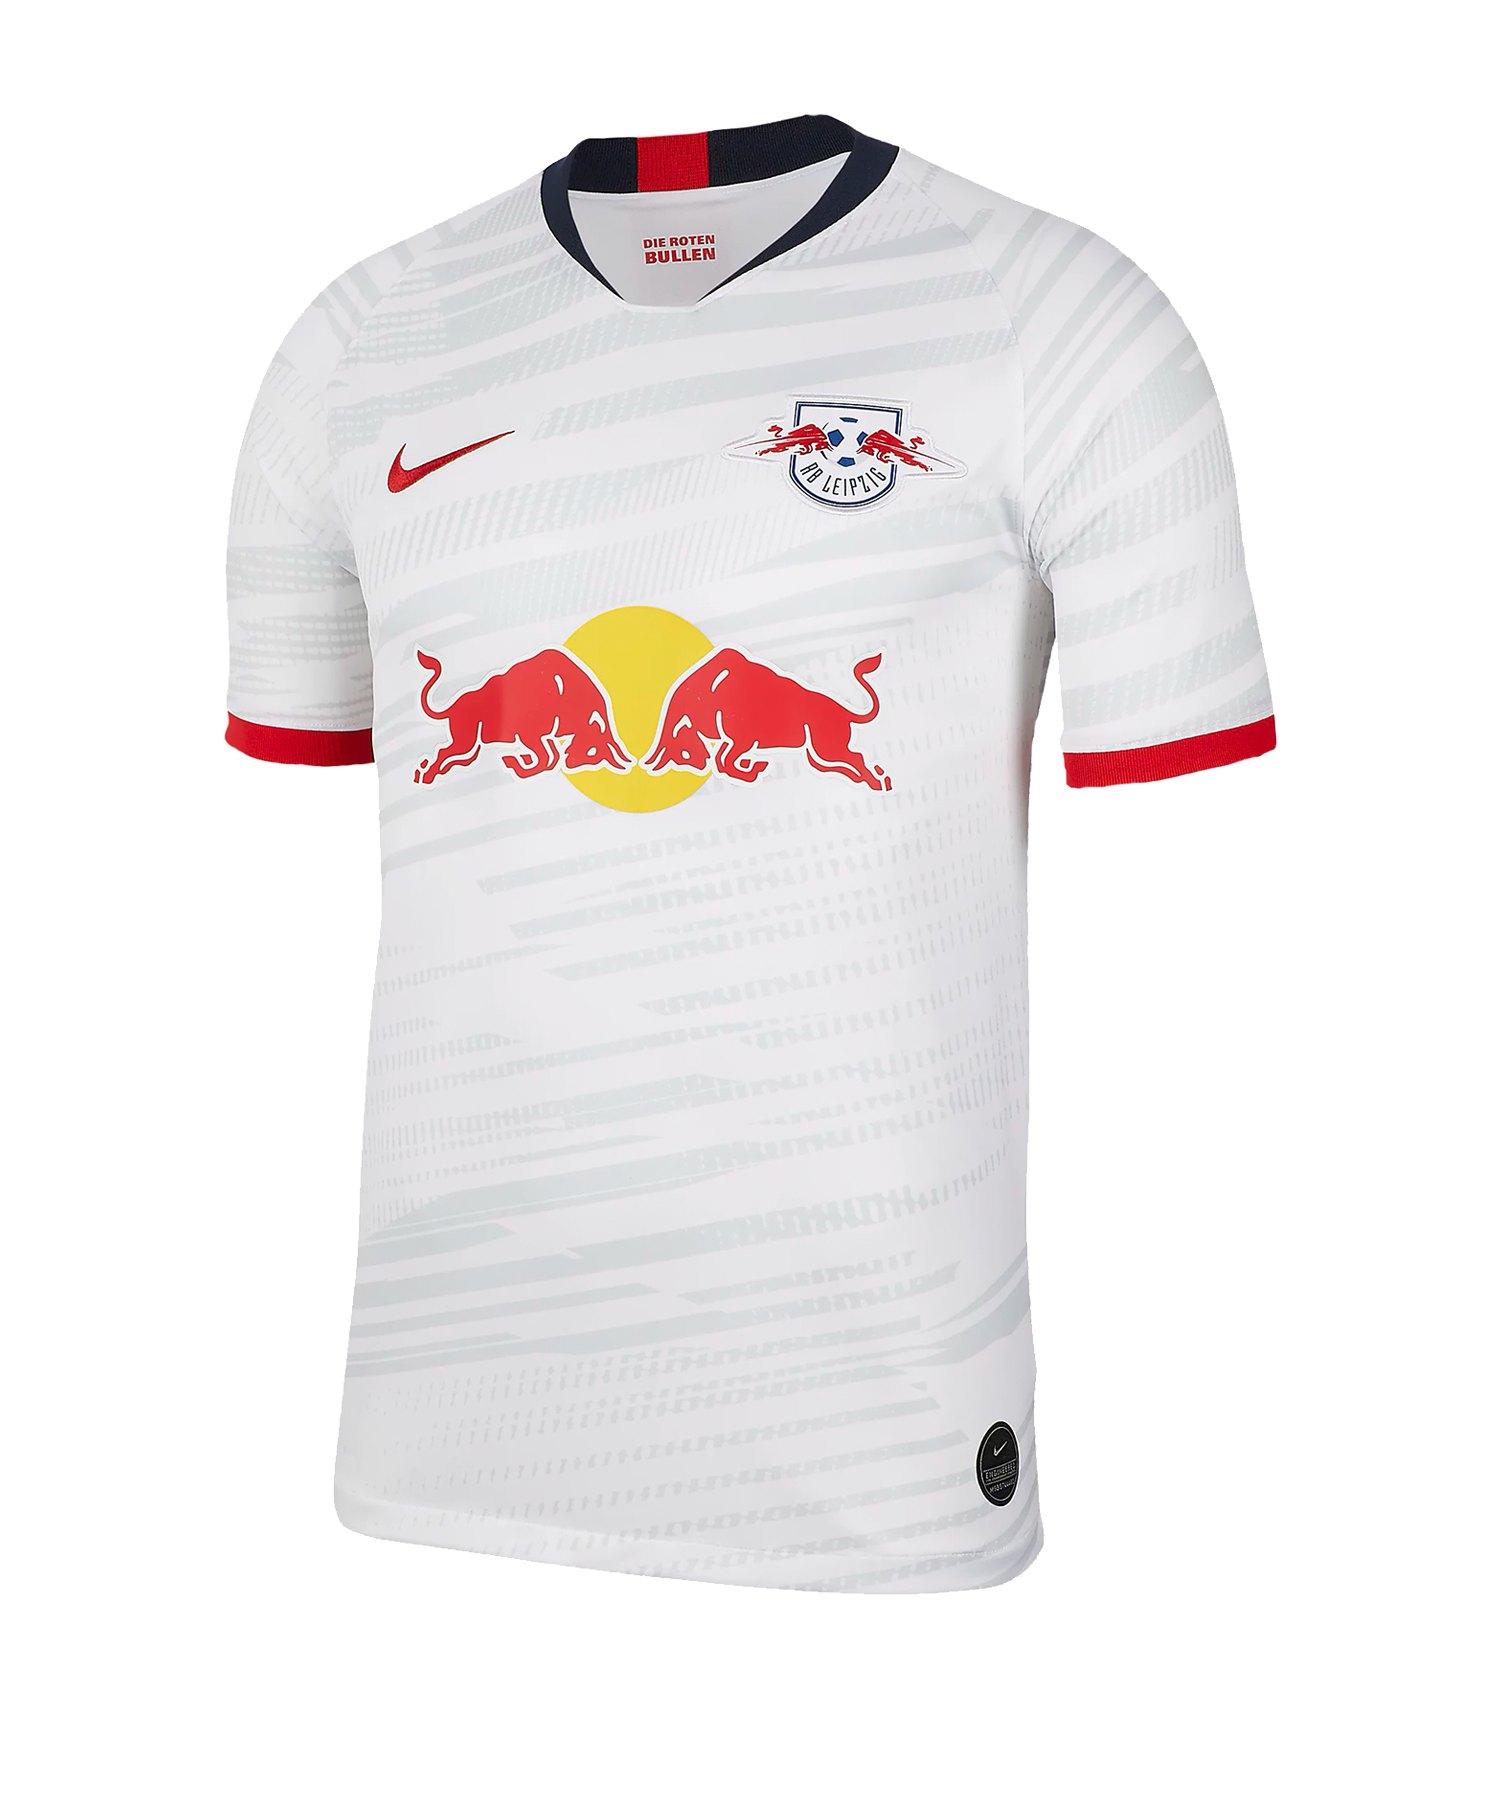 Nike RB Leipzig Trikot Home 20192020 Weiss F101